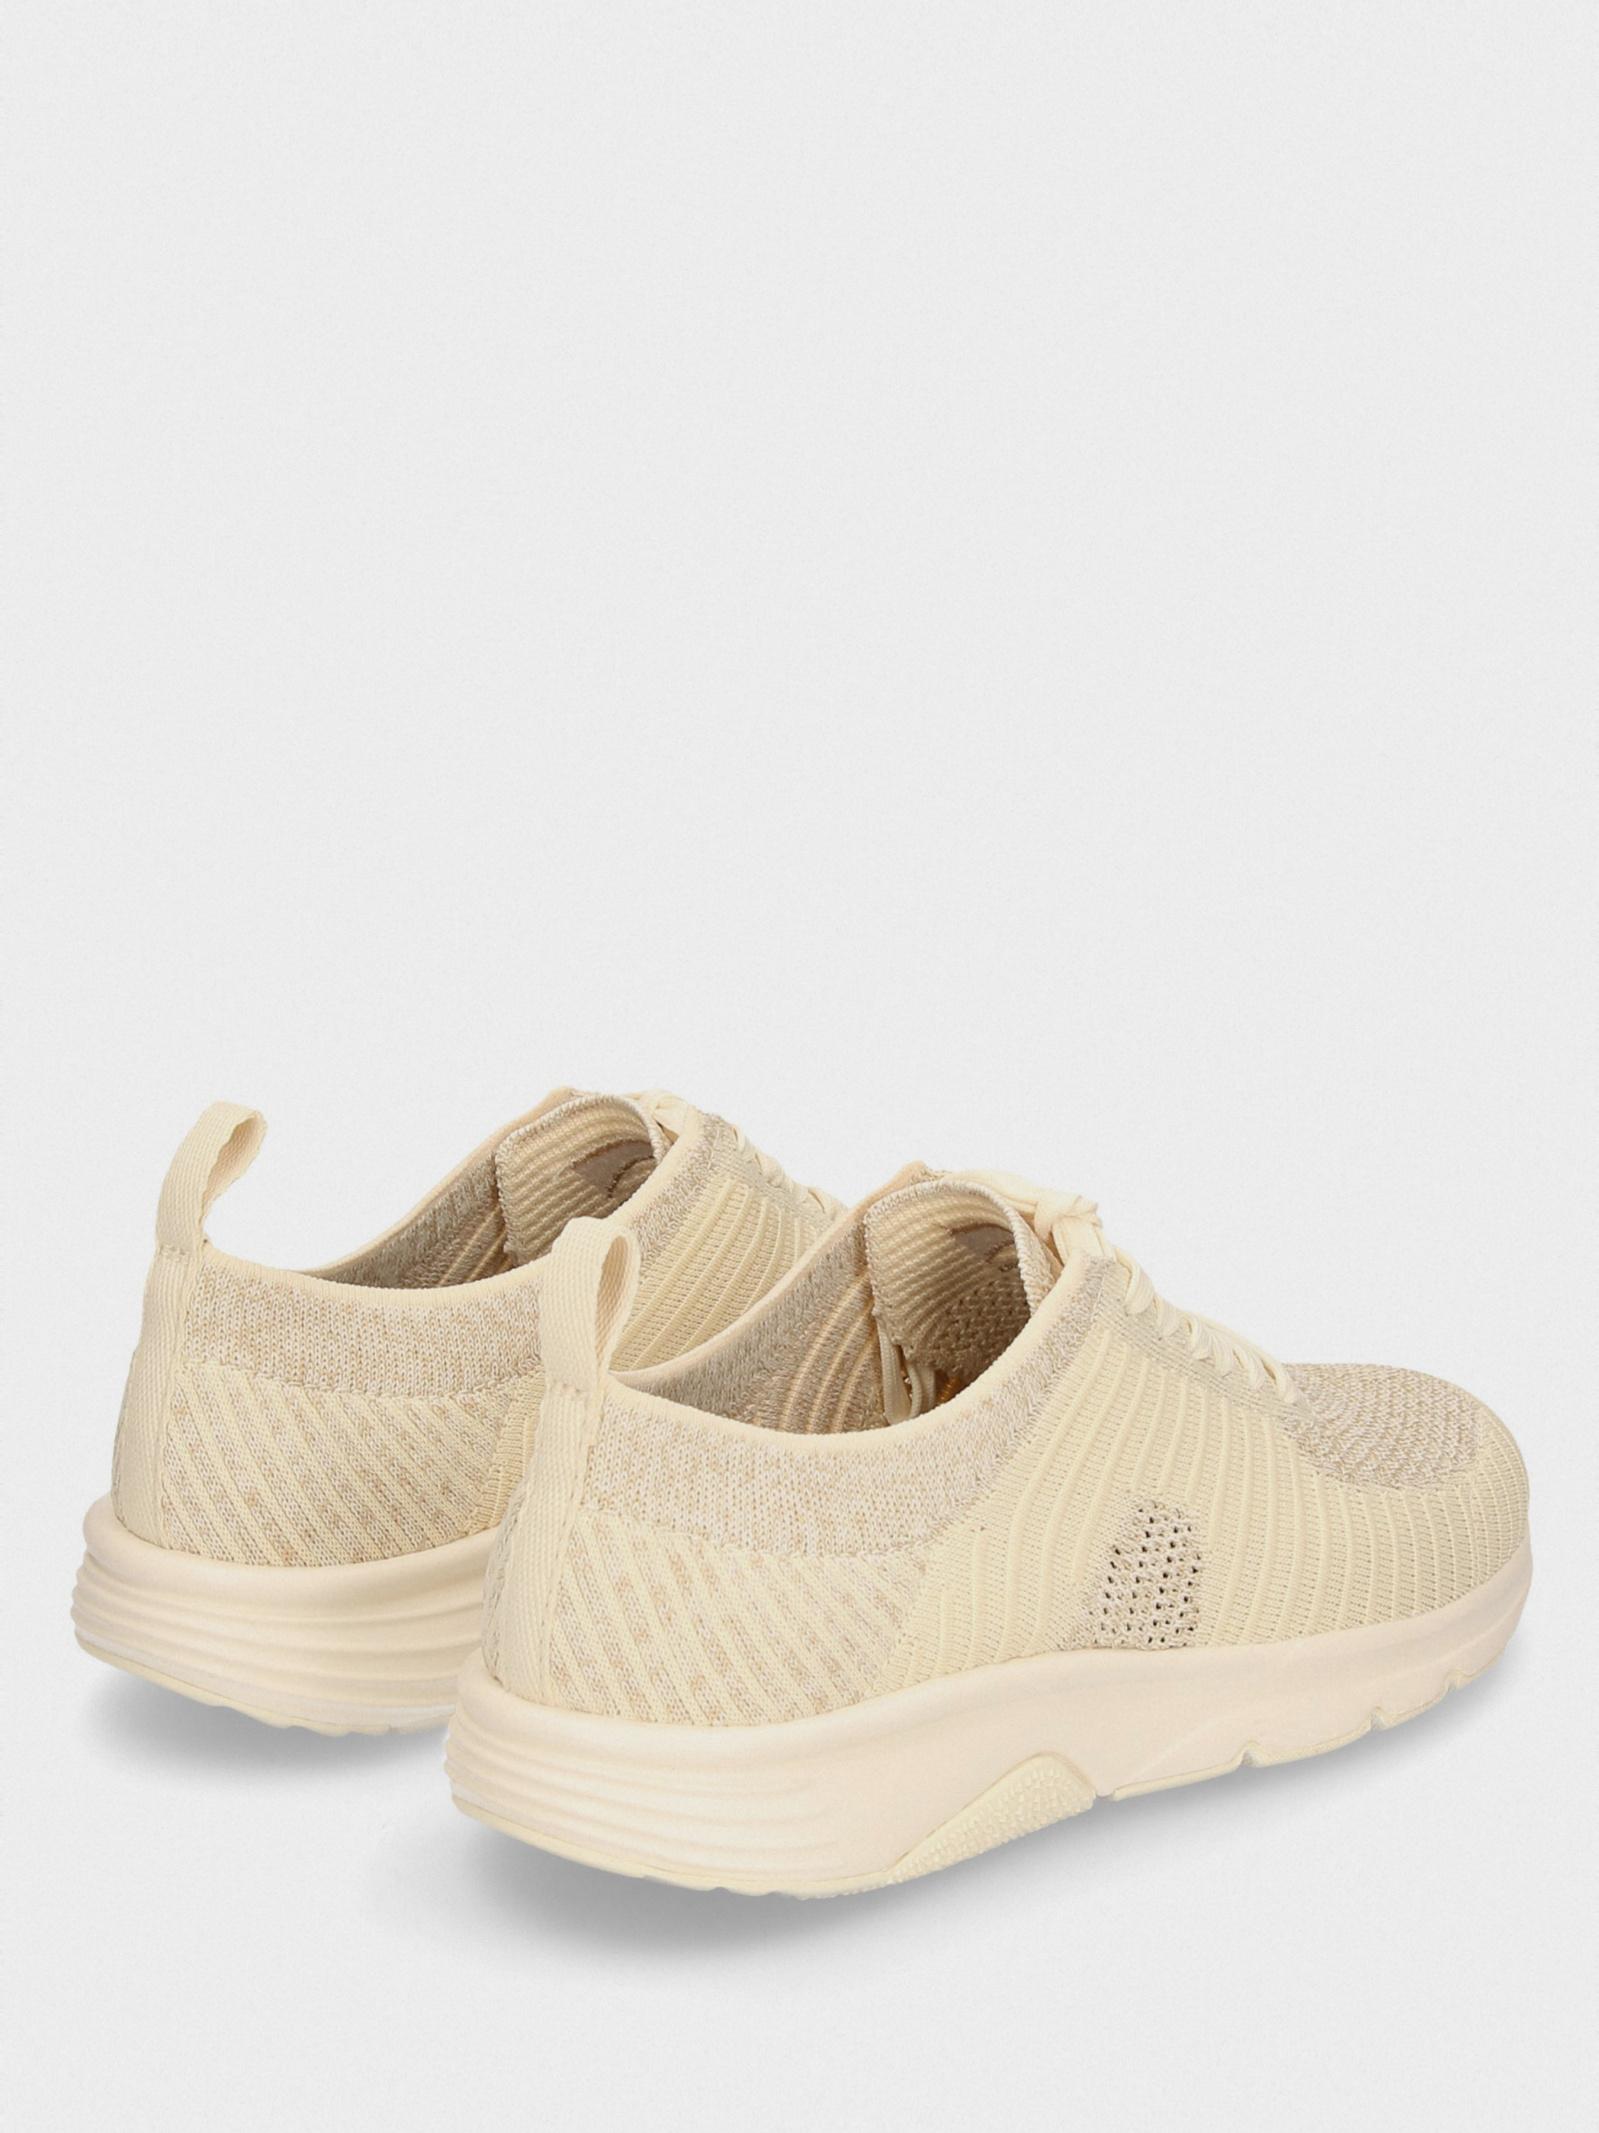 Кроссовки женские Camper Drift K200577-016 купить обувь, 2017